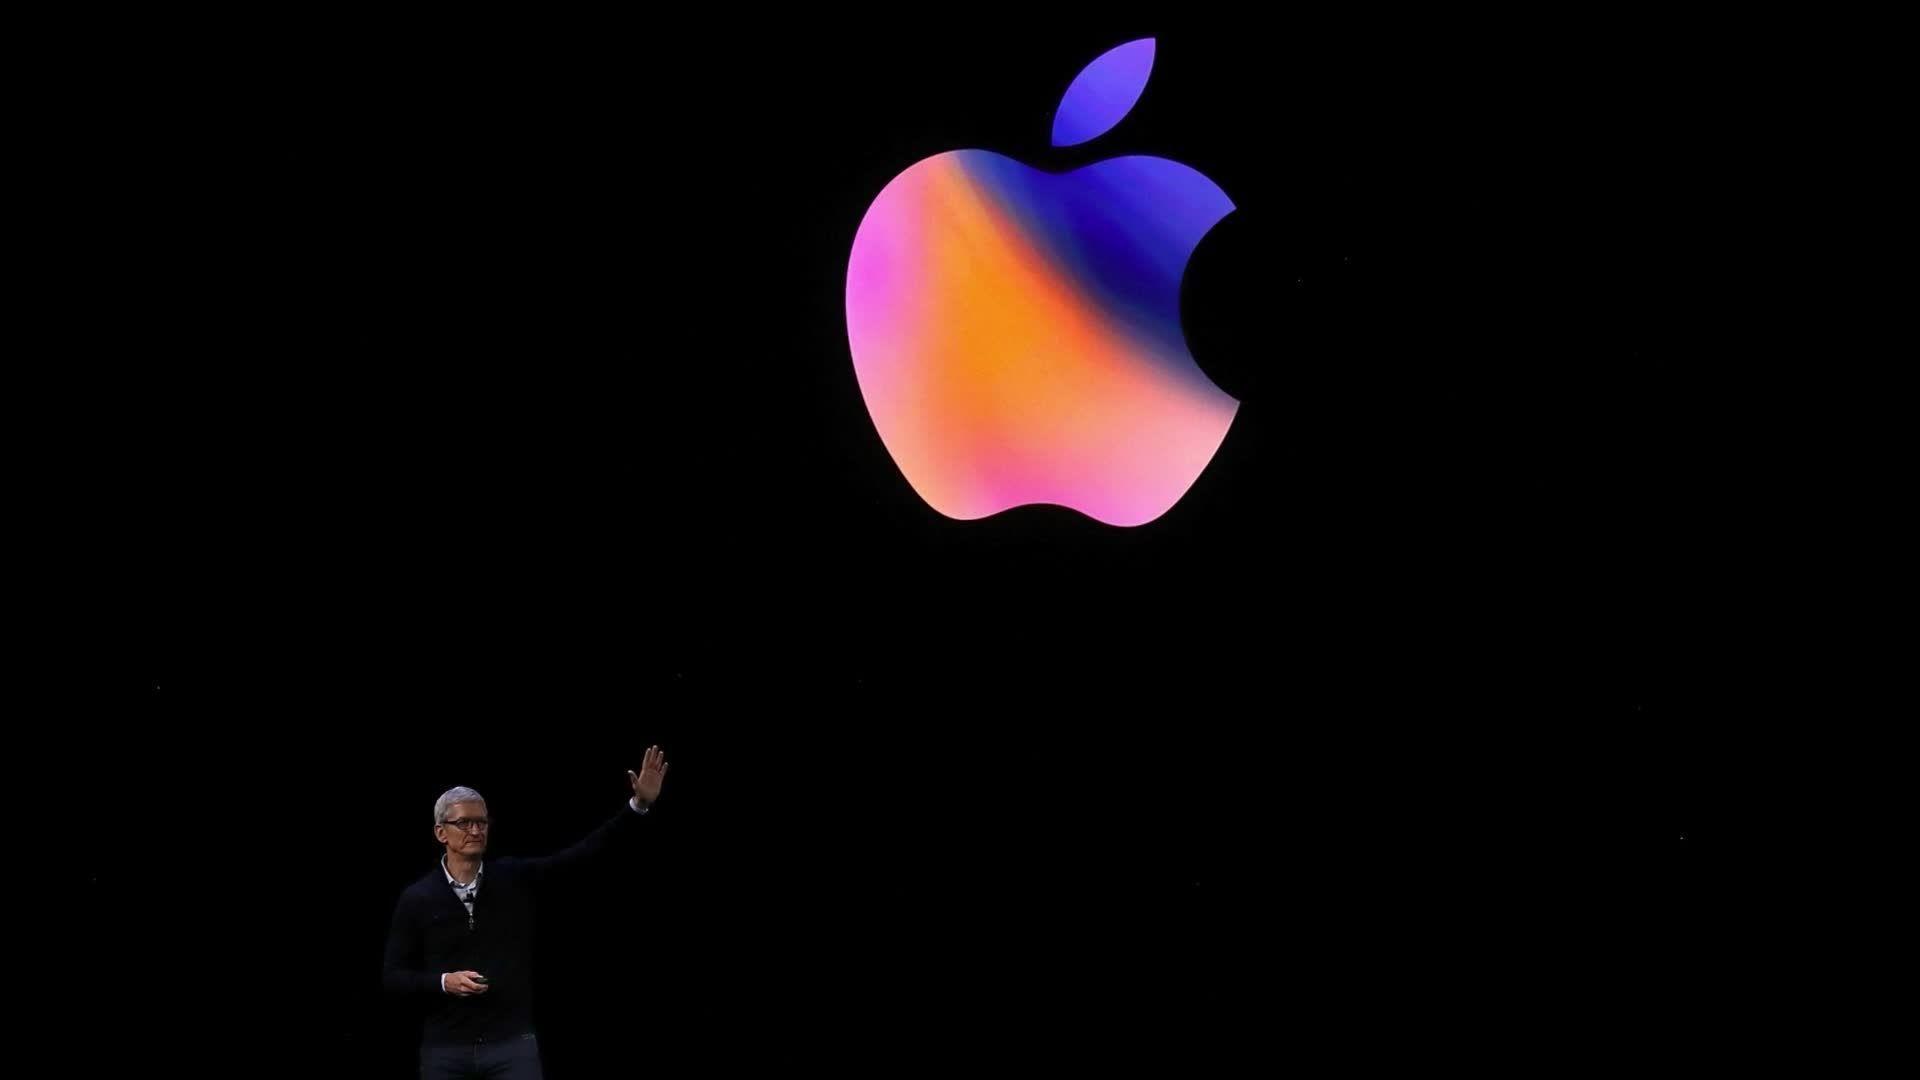 Überraschendes Event: Apple stellt Neuheiten vor